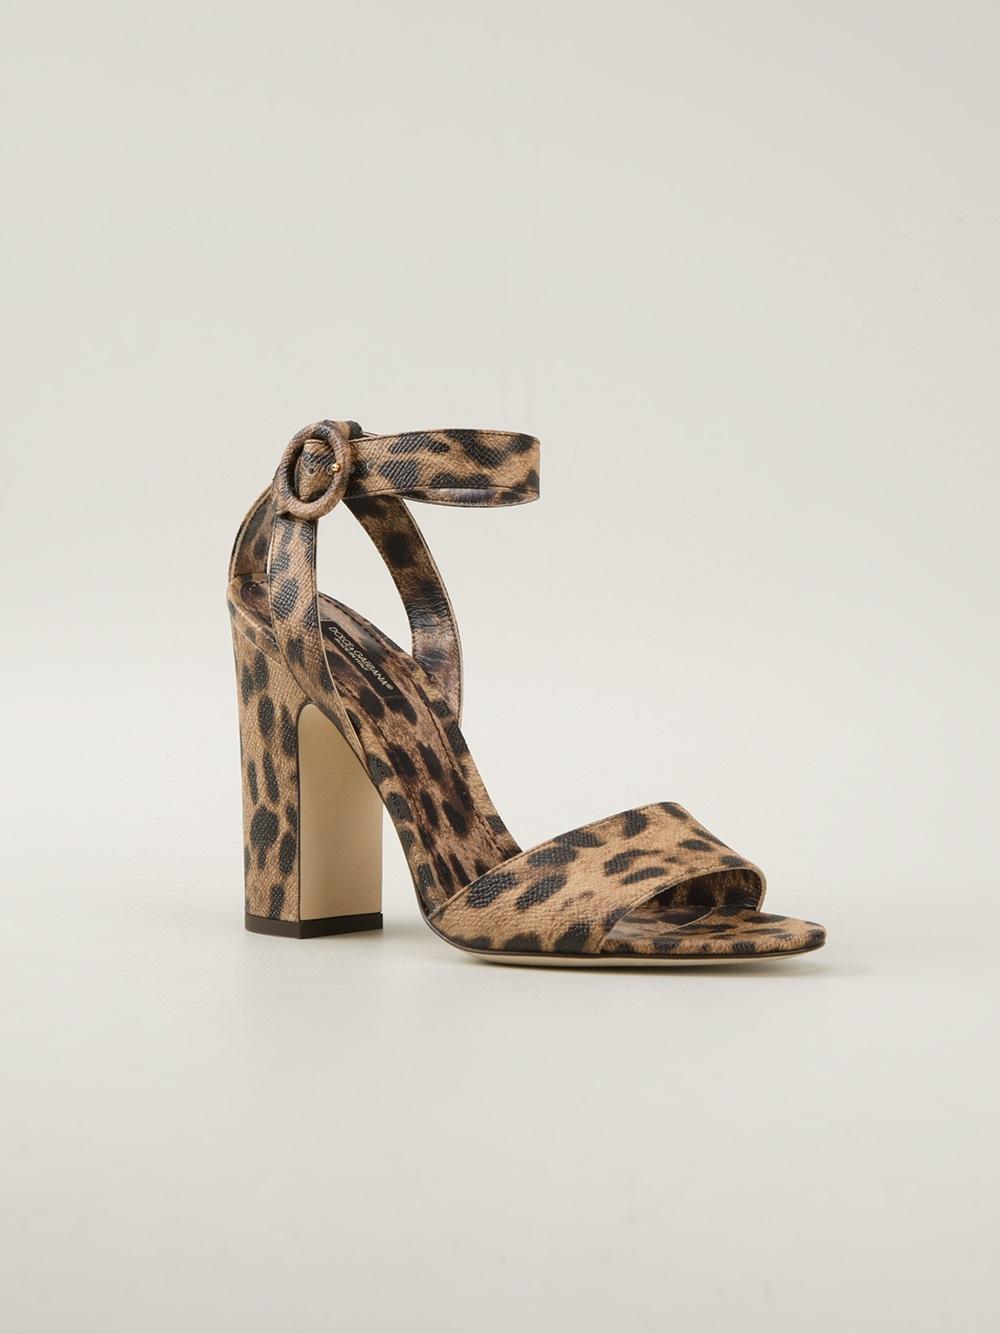 Dolce & Gabbana Leopard-Print Stiletto Sandals ZYqJbW